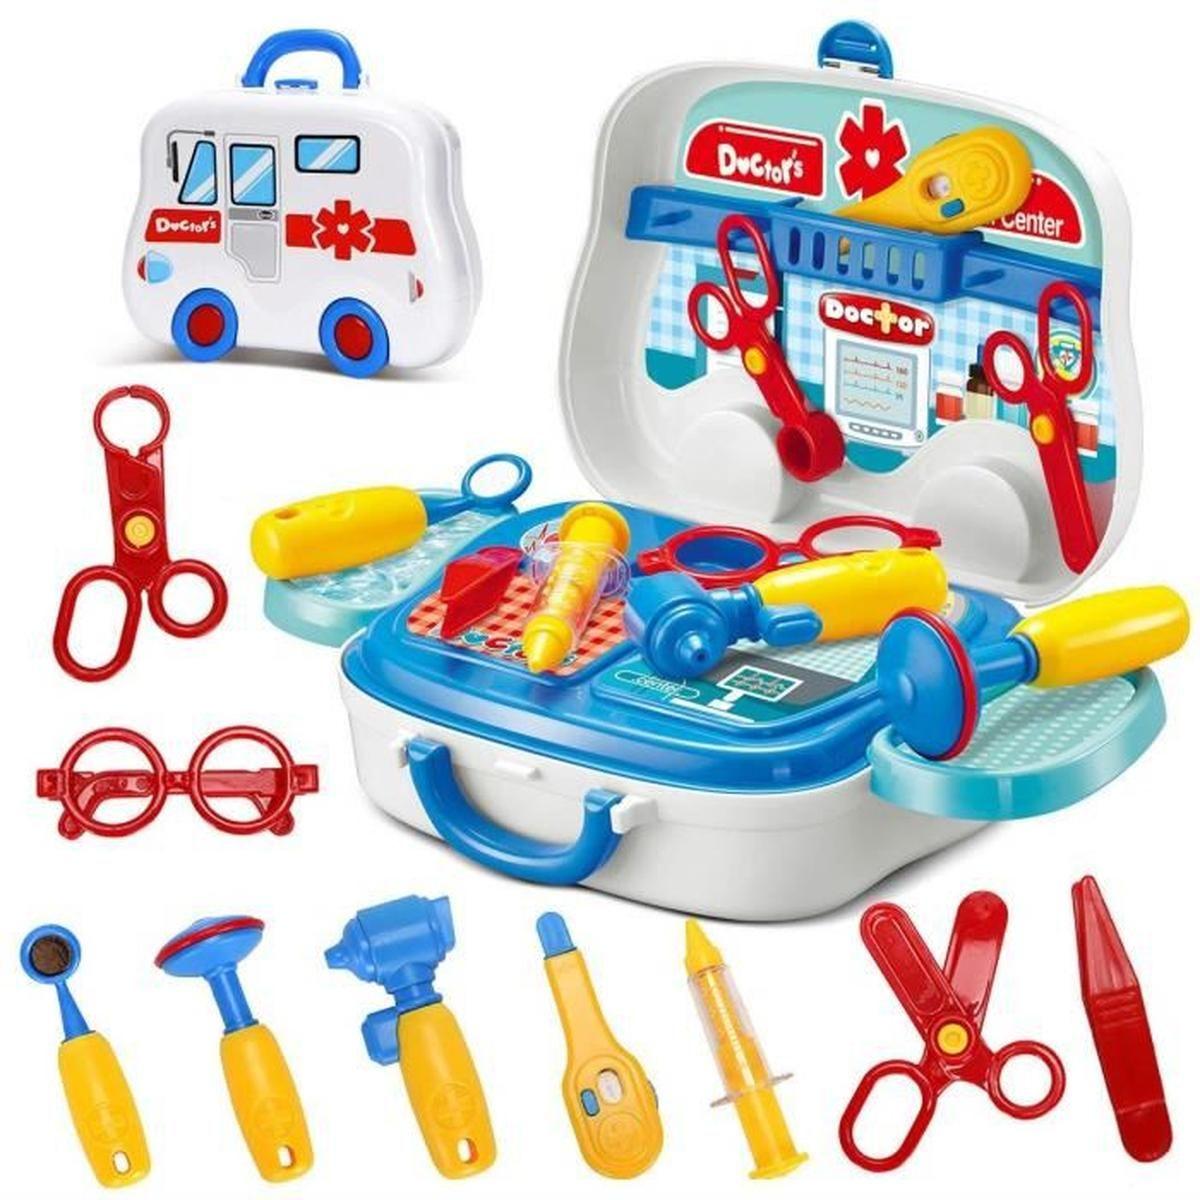 1Pcs Malette De Docteur Avec Accessoires Jeux D'imitation destiné Jeux Gratuits Pour Enfants De 3 Ans